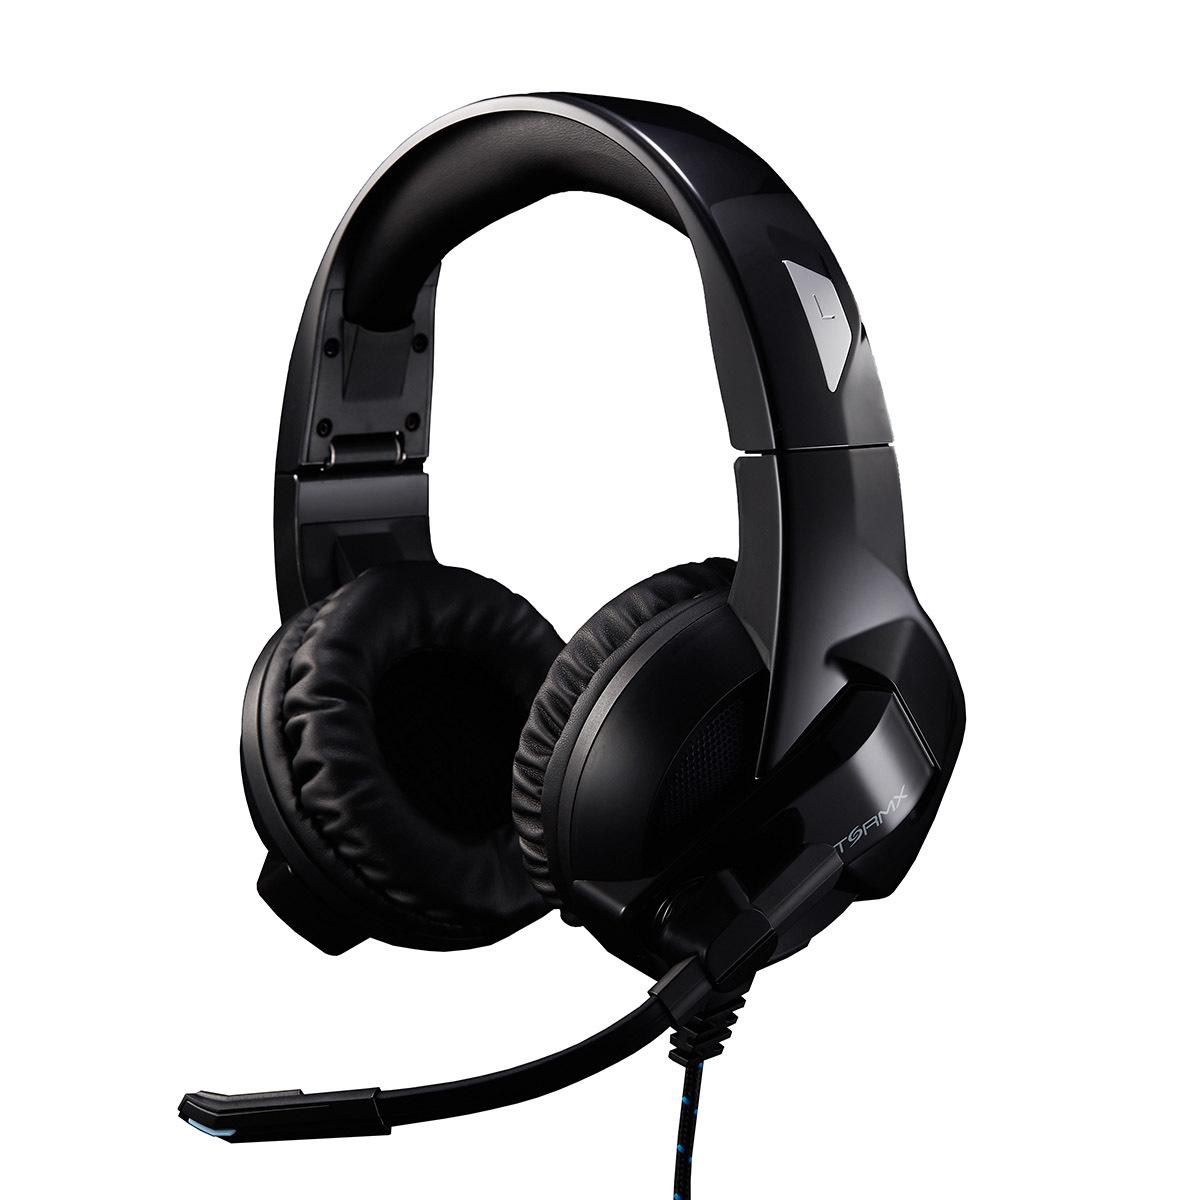 제닉스 게이밍 헤드셋 STORMX H4, Black